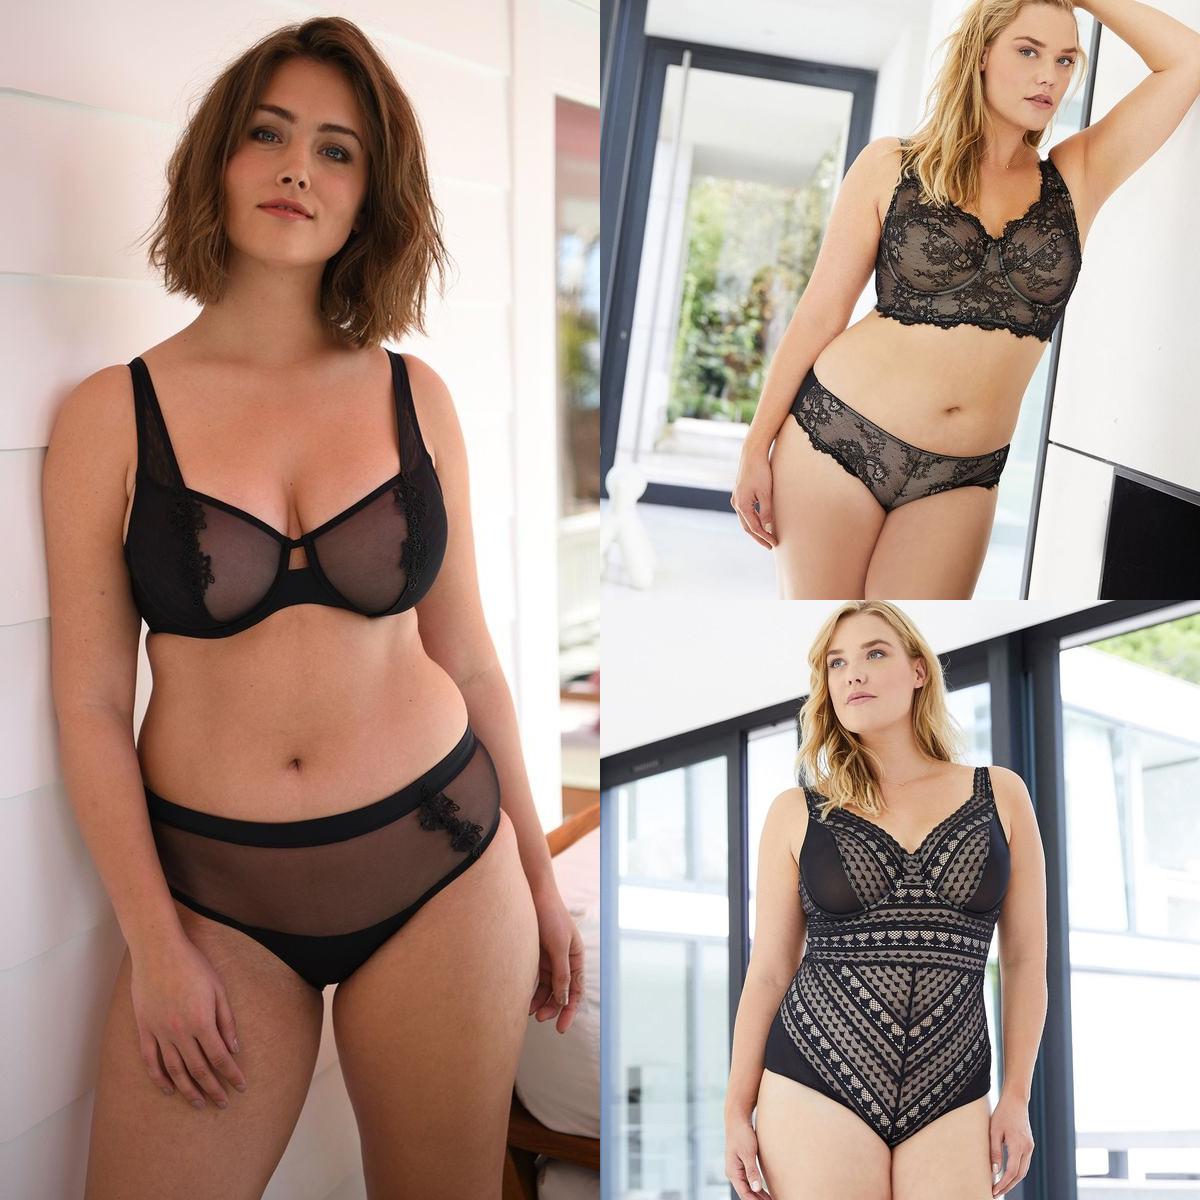 Craquez pour la collection sexy de lingerie Ashley Graham